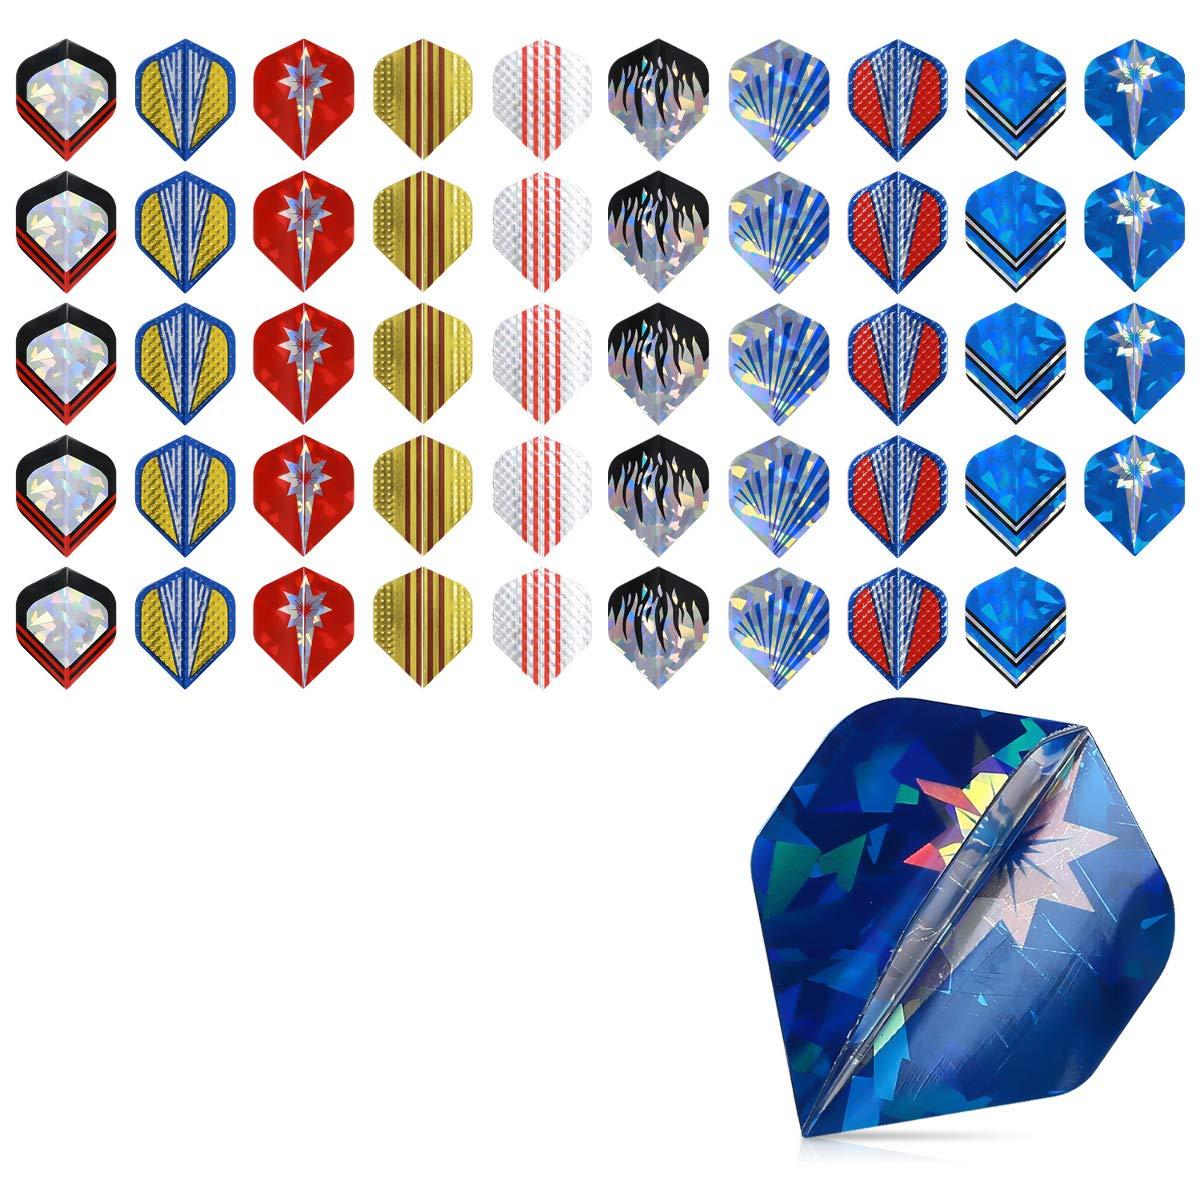 kwmobile 50x Protector de Vuelo para dardo - Set de 50 Protectores de Pluma de plástico - para Dardos de Metal o de plástico - Diferentes diseños.: Amazon.es: Deportes y aire libre